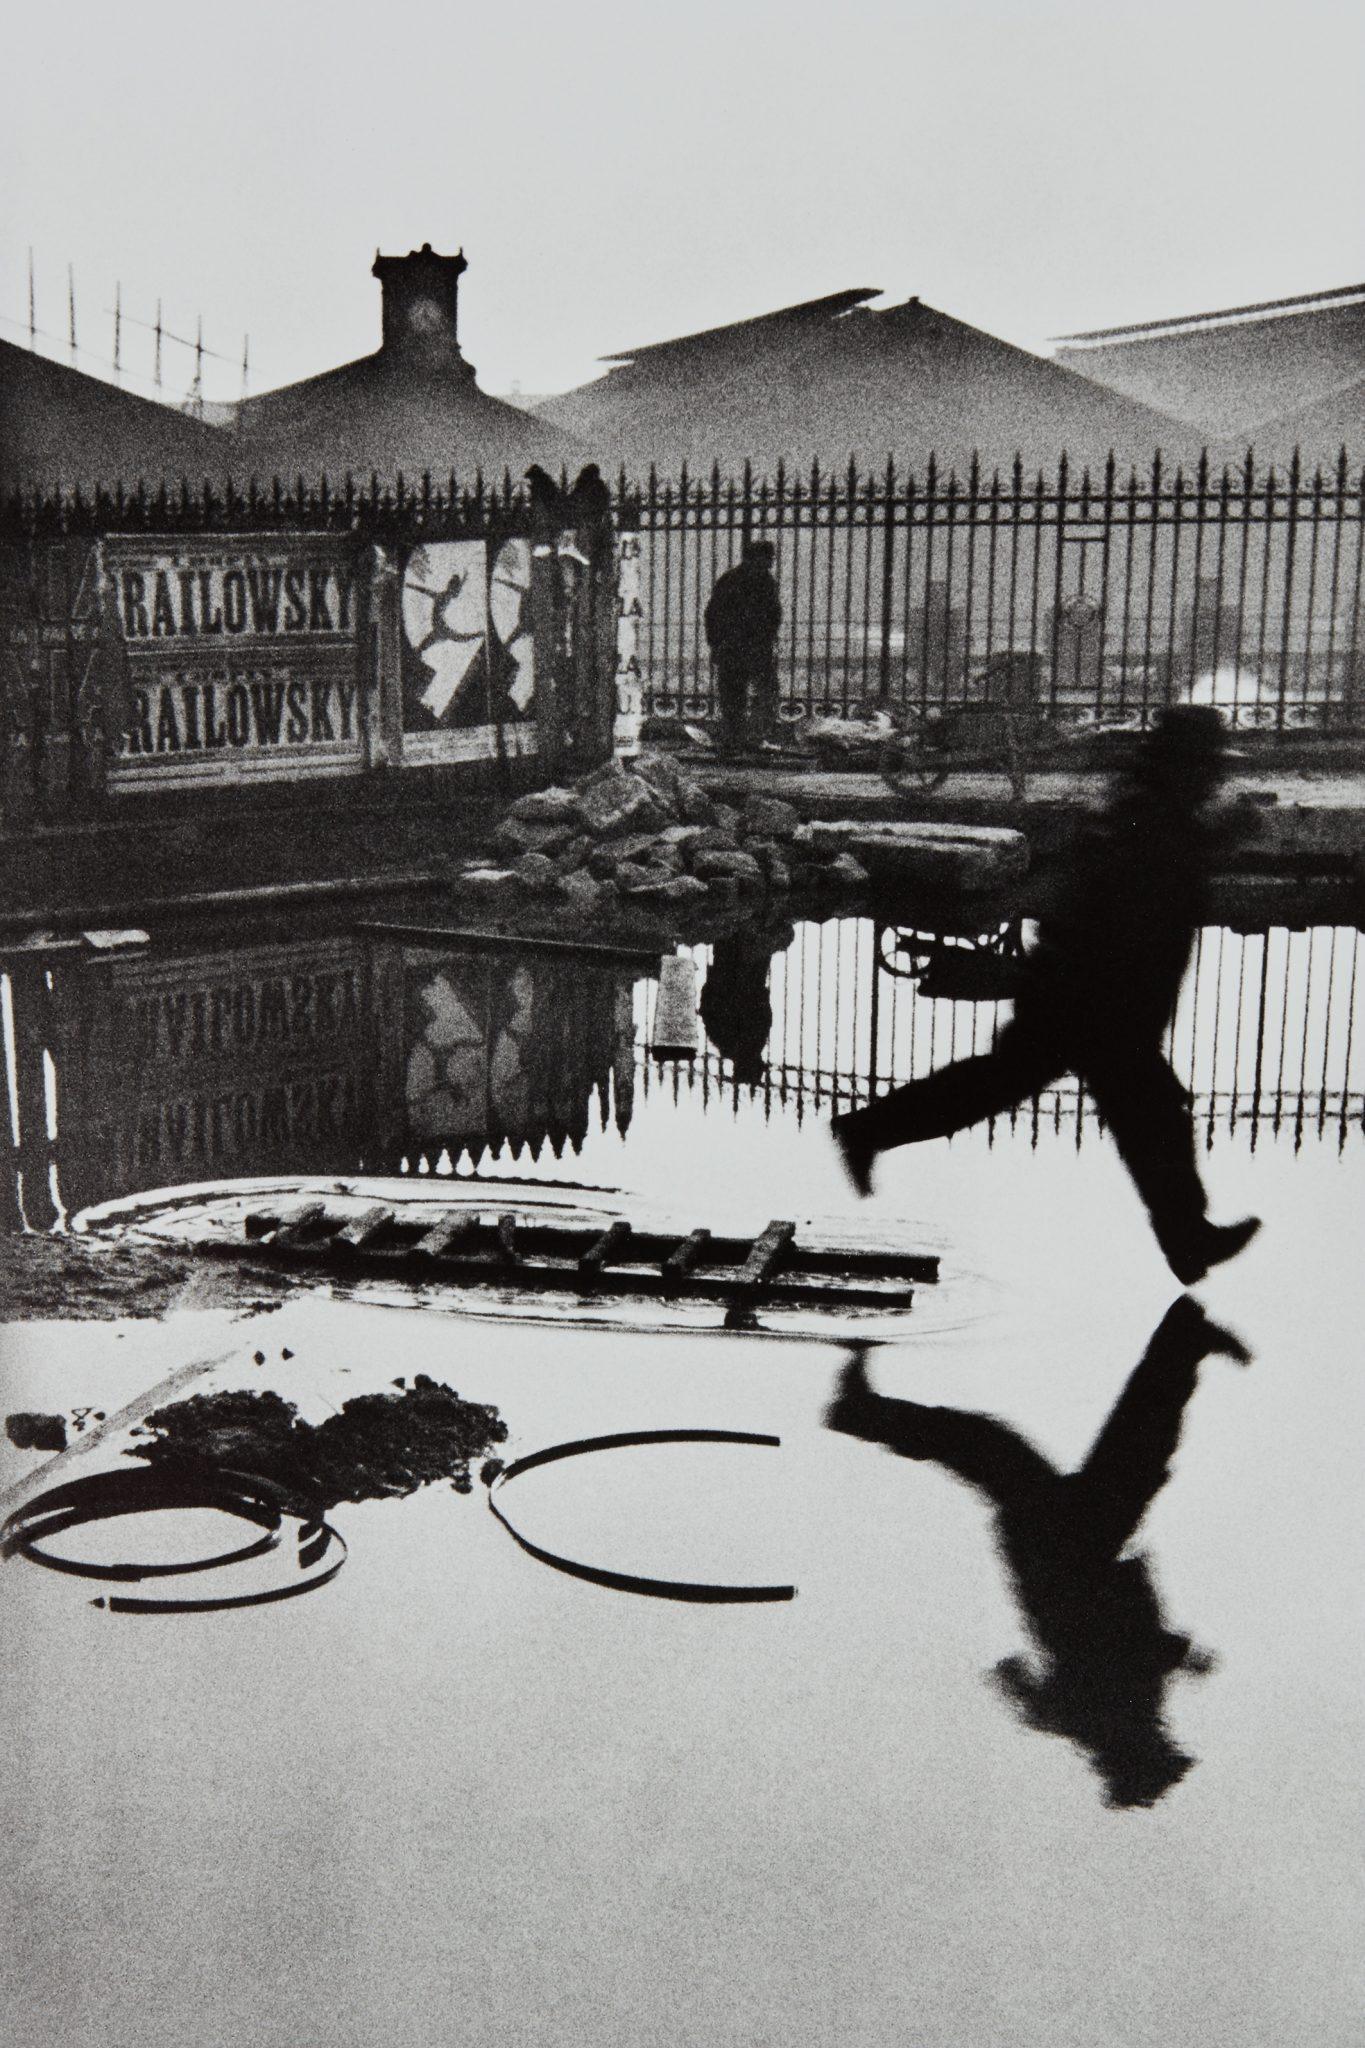 ©Henri Cartier-Bresson / Magnum Photos